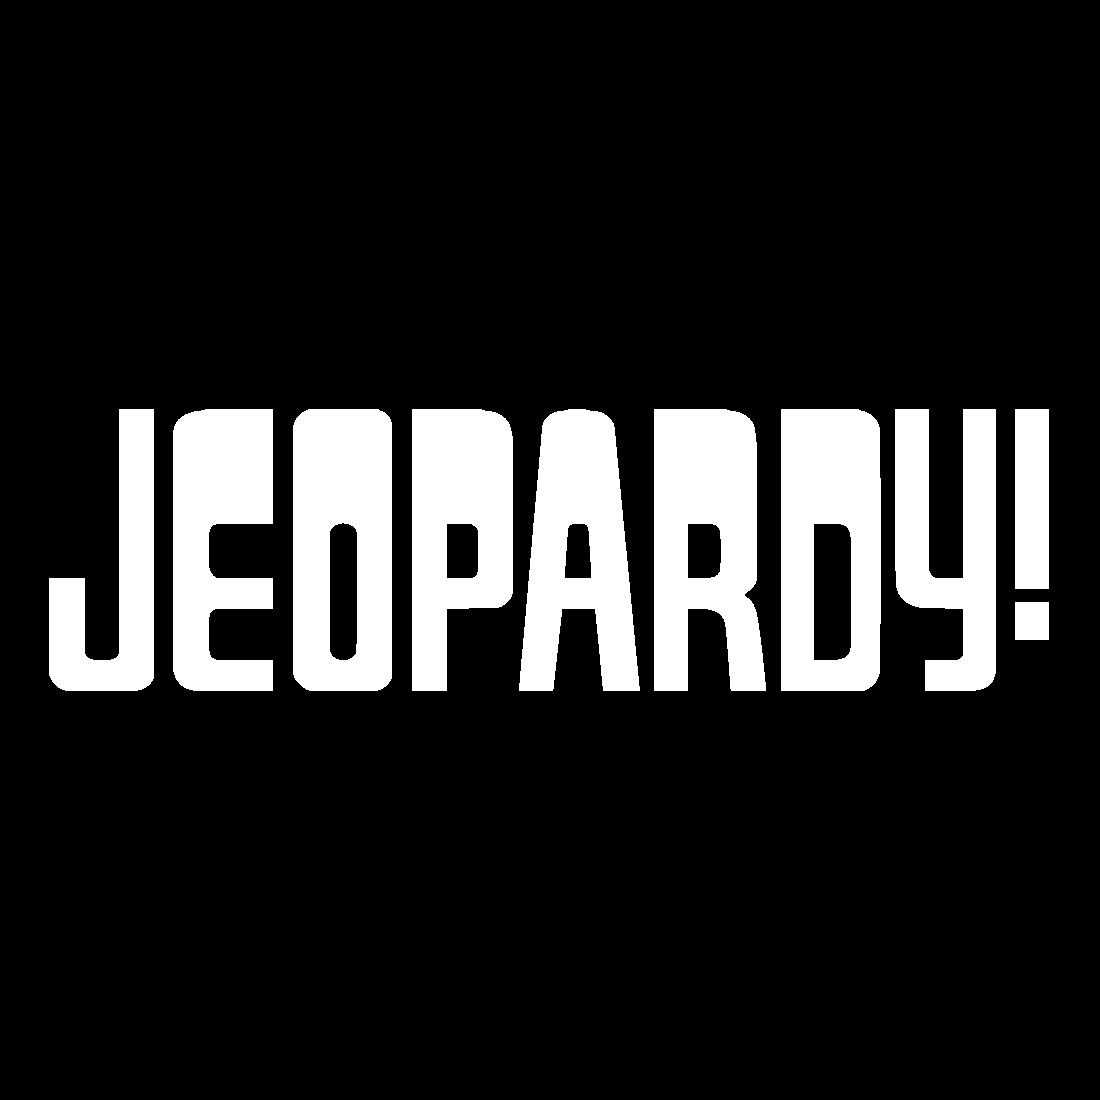 Jeopardy Music Jeopardy History Wiki Fandom Powered By Wikia